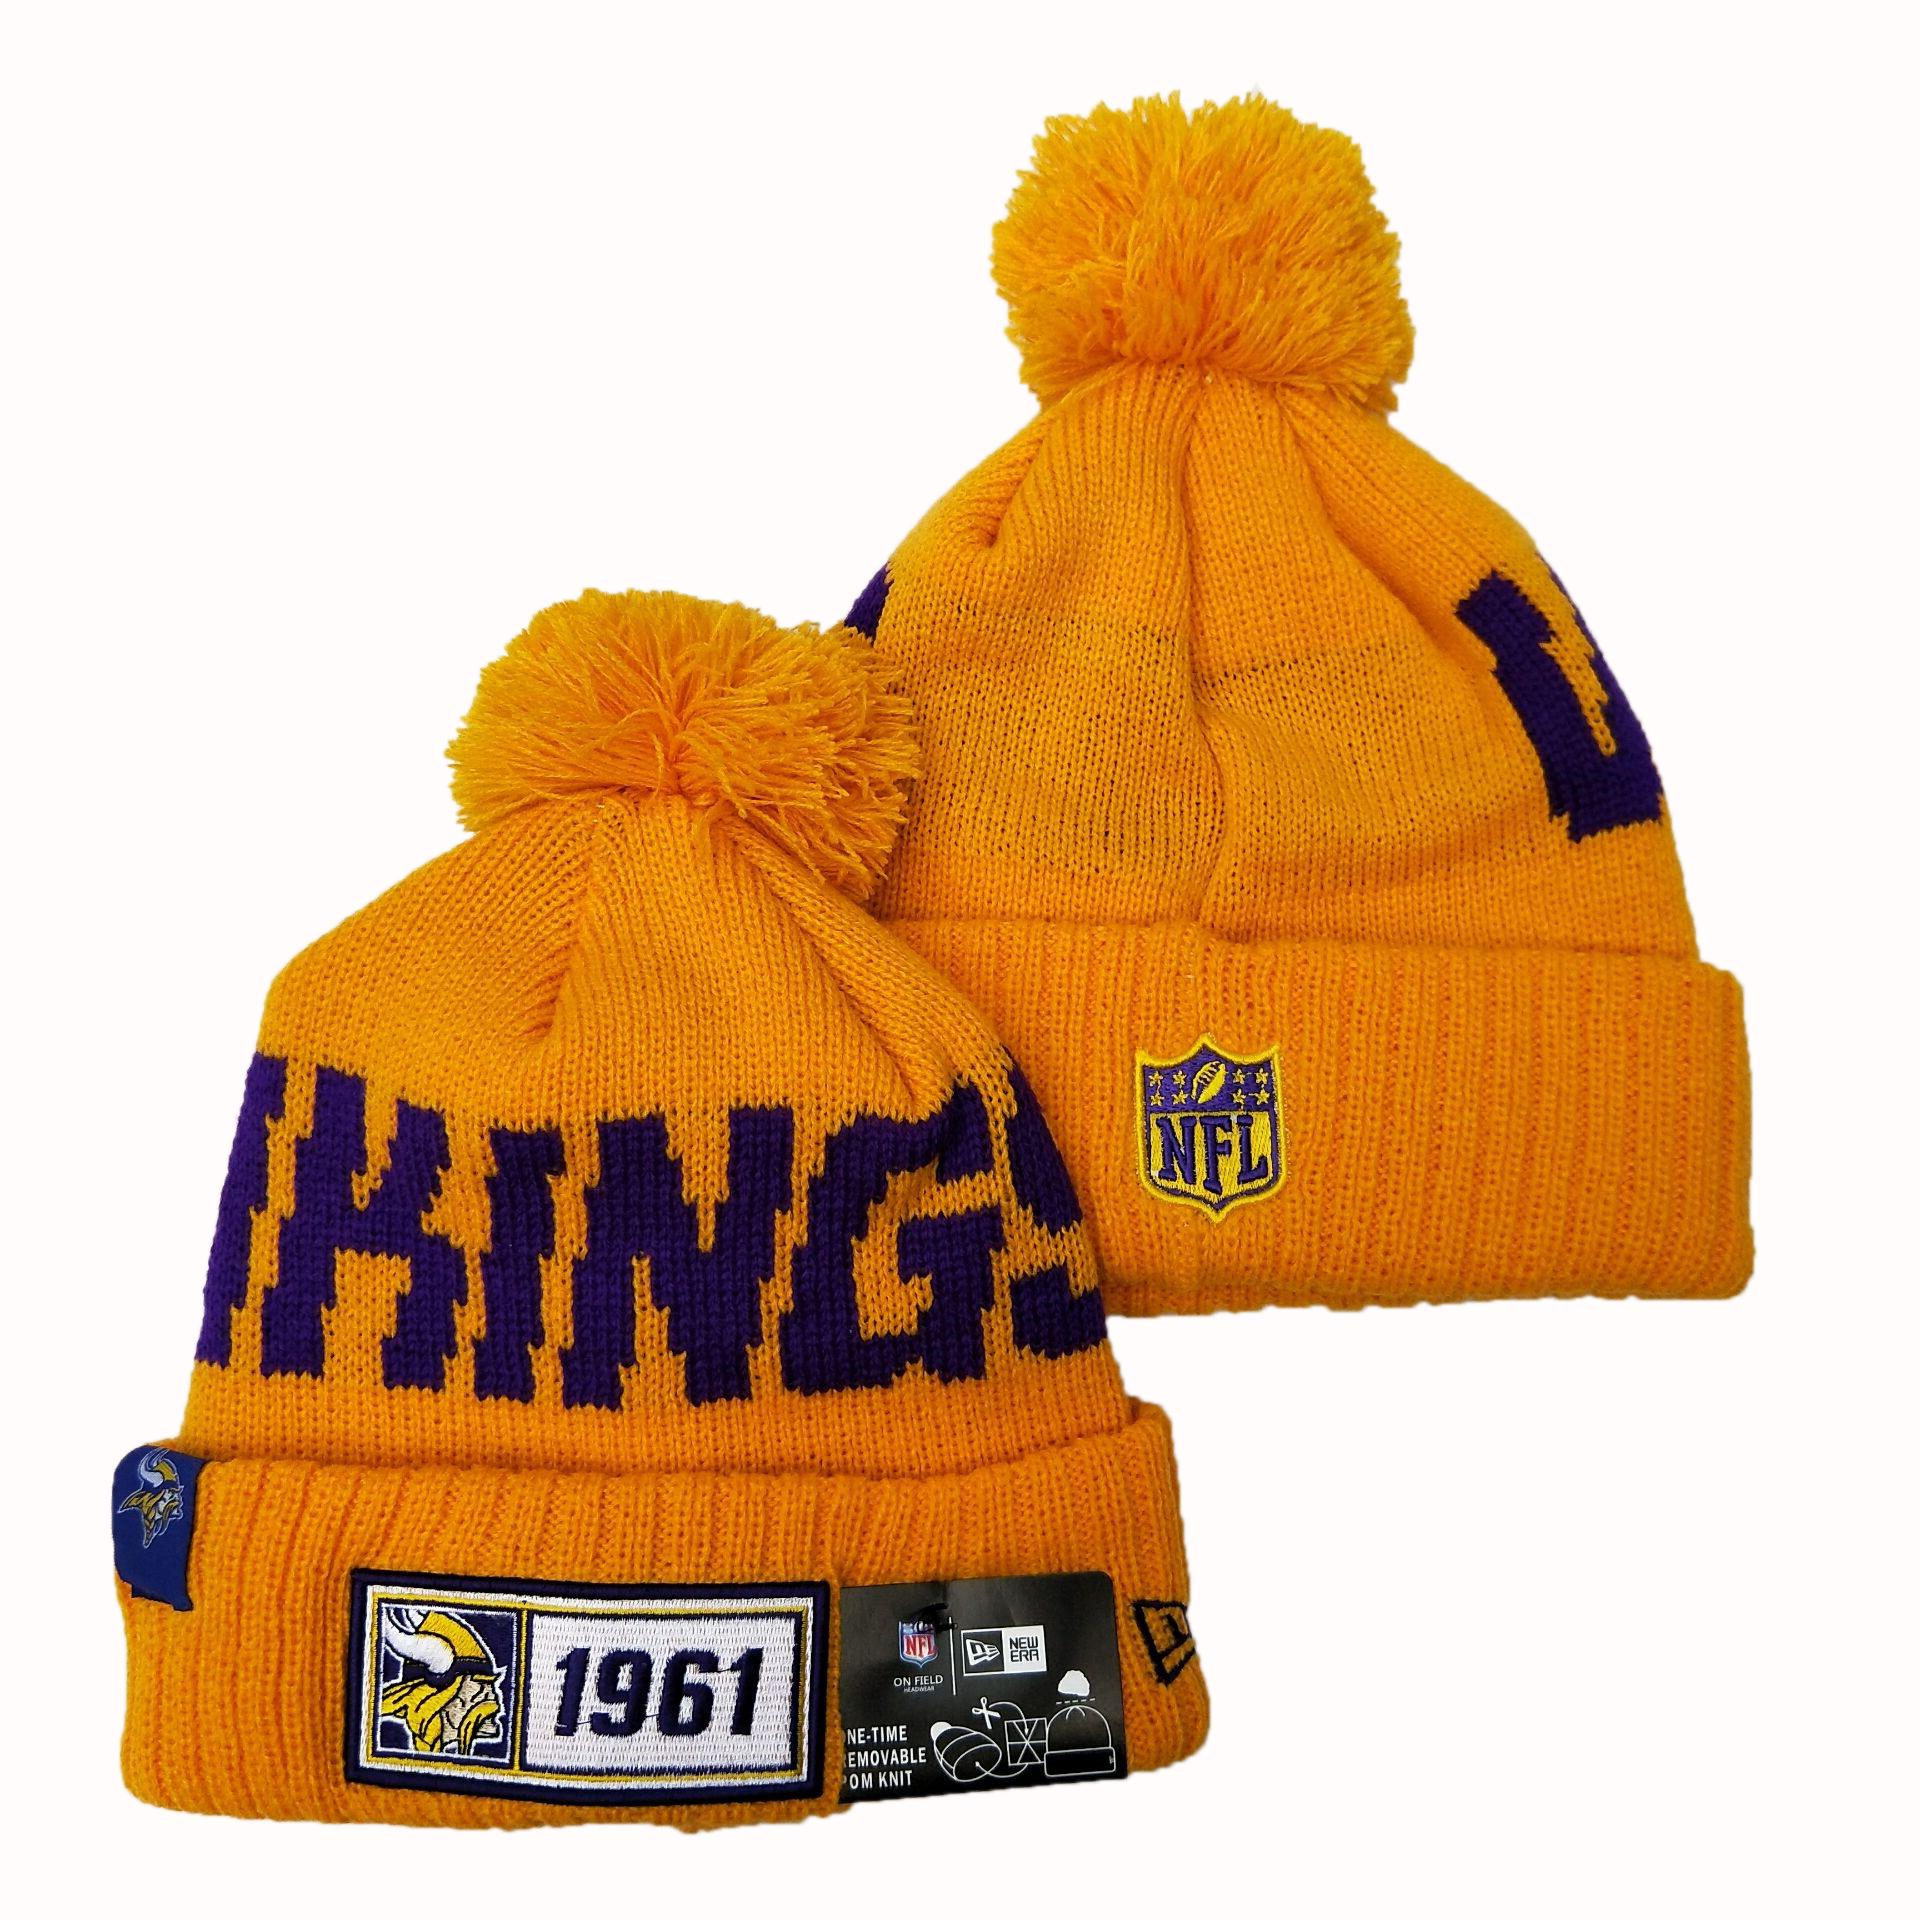 Vikings Team Logo Yellow Pom Knit Hat YD